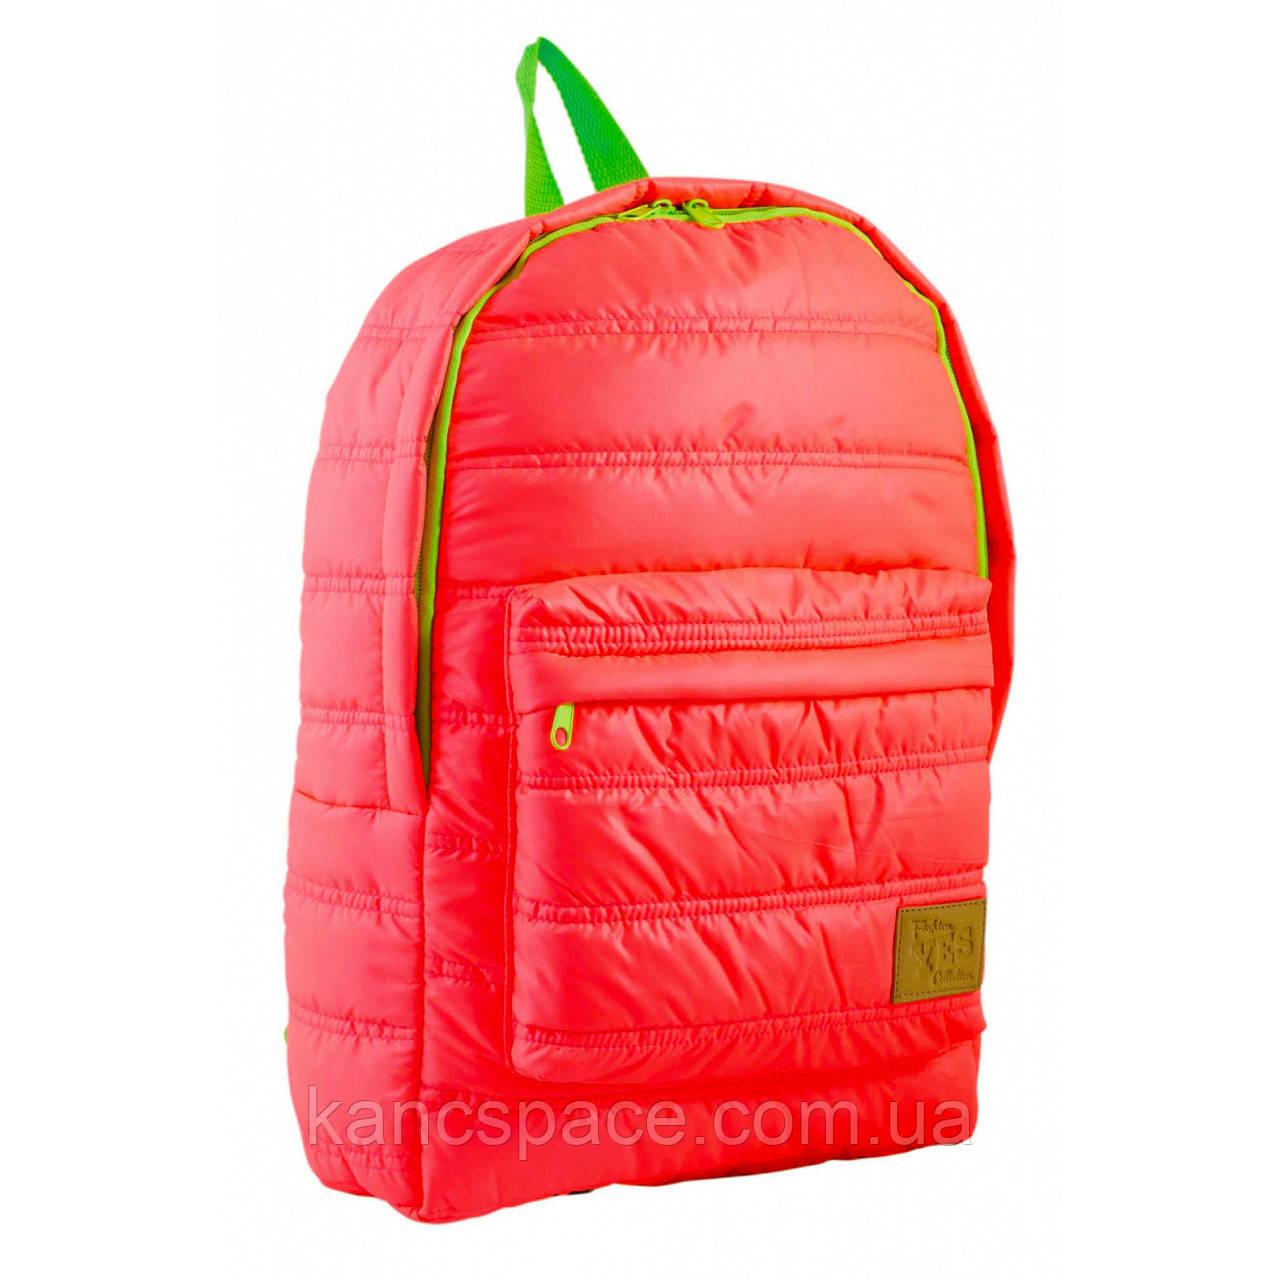 Рюкзак підлітковий ST-14 оранжевий, 39*27.5*9